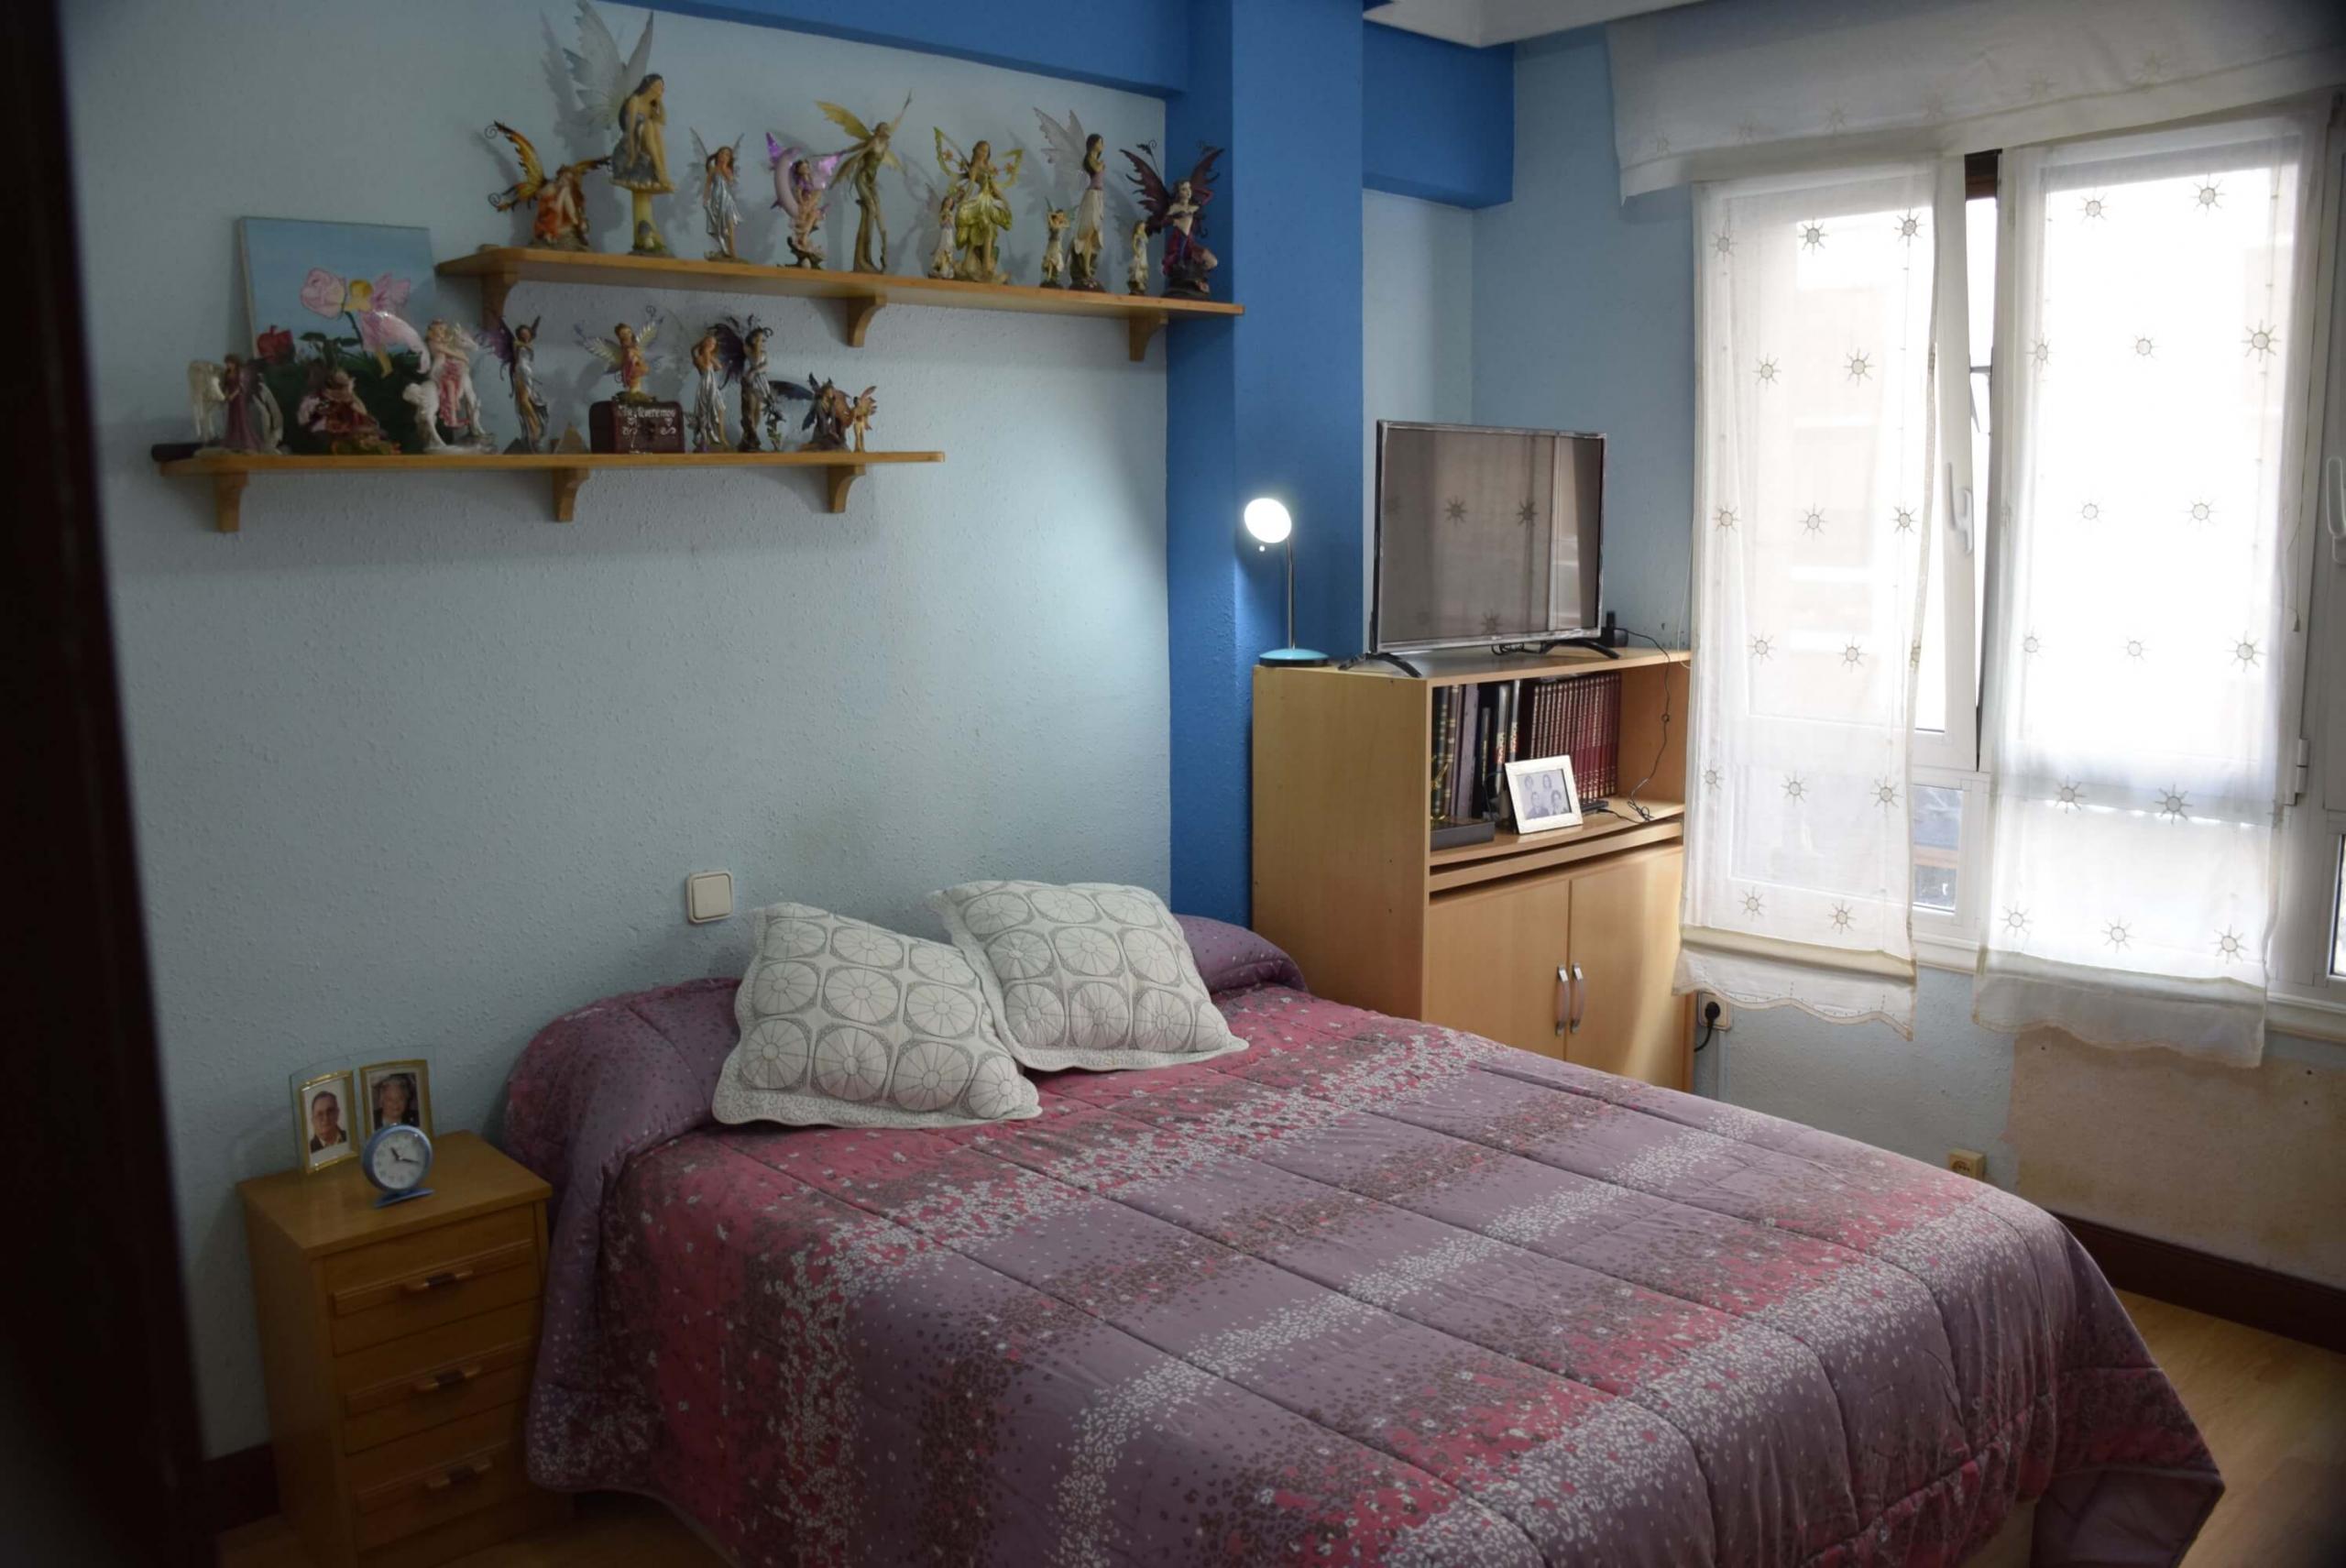 Piso  Calle antiguako ama, 5. Amplio inmueble de 120 m2 a la venta en ondarroa.